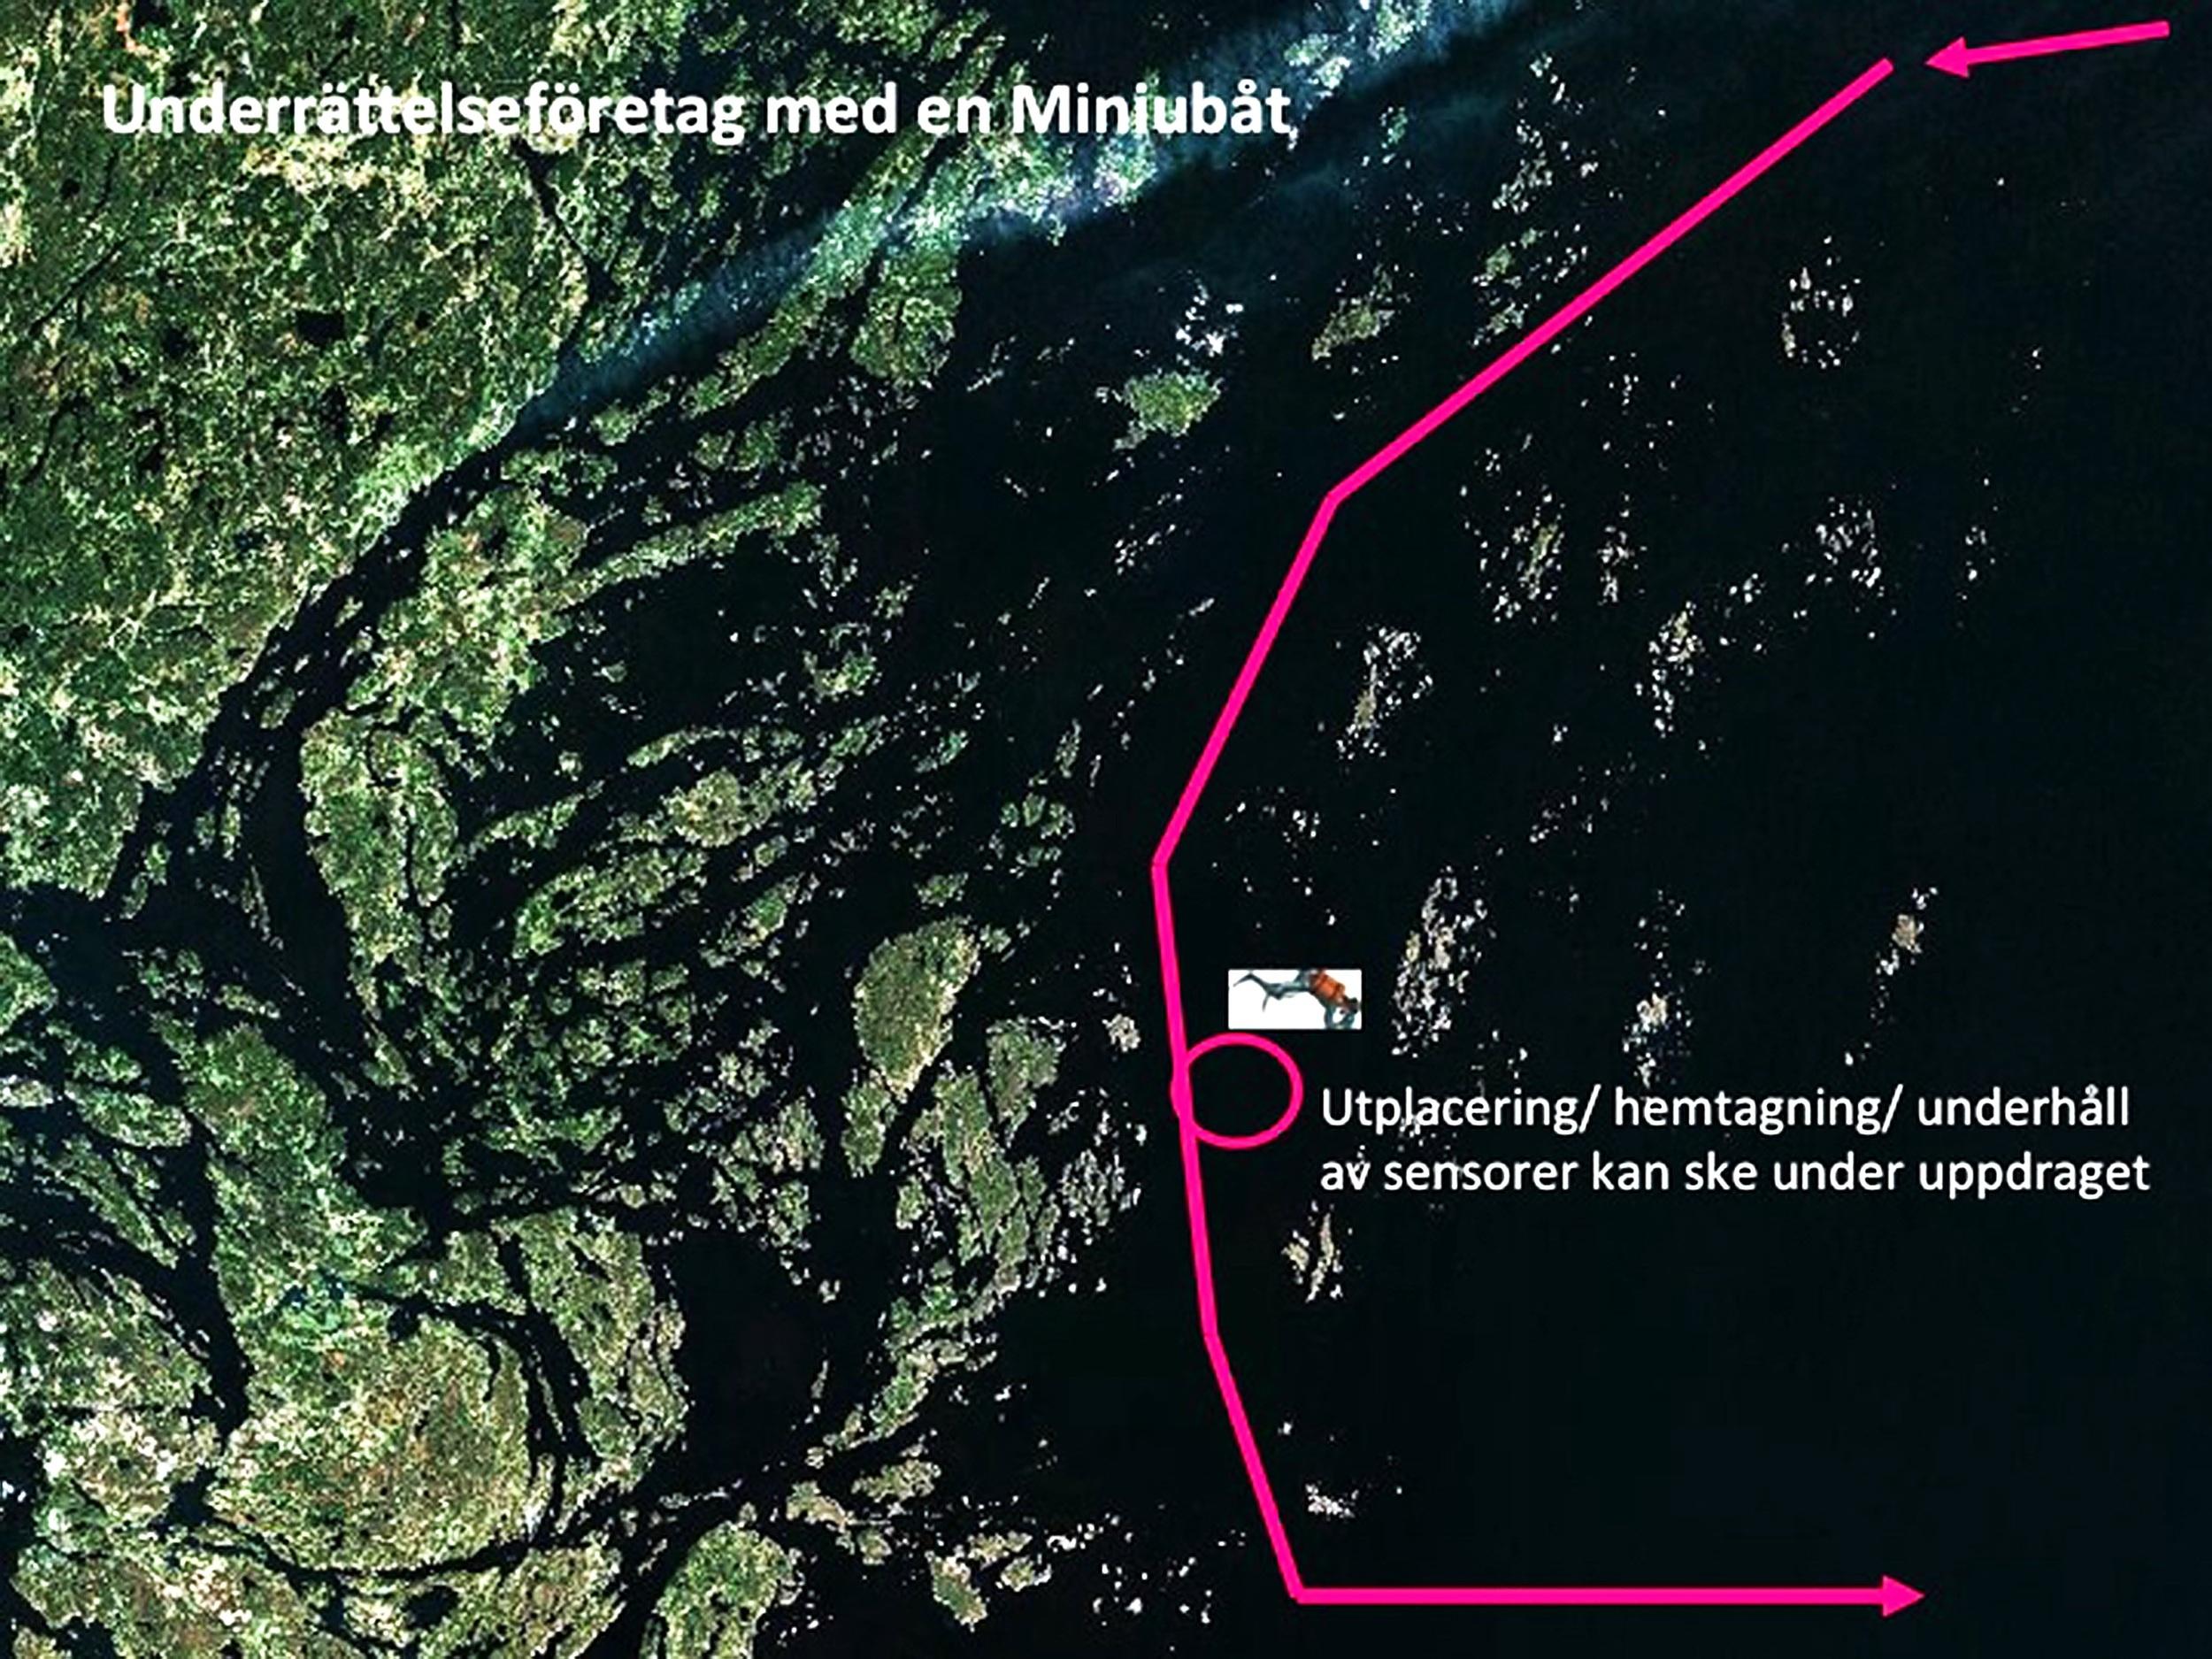 Operationsprofil 1: Underrättelseföretag med en miniubåt